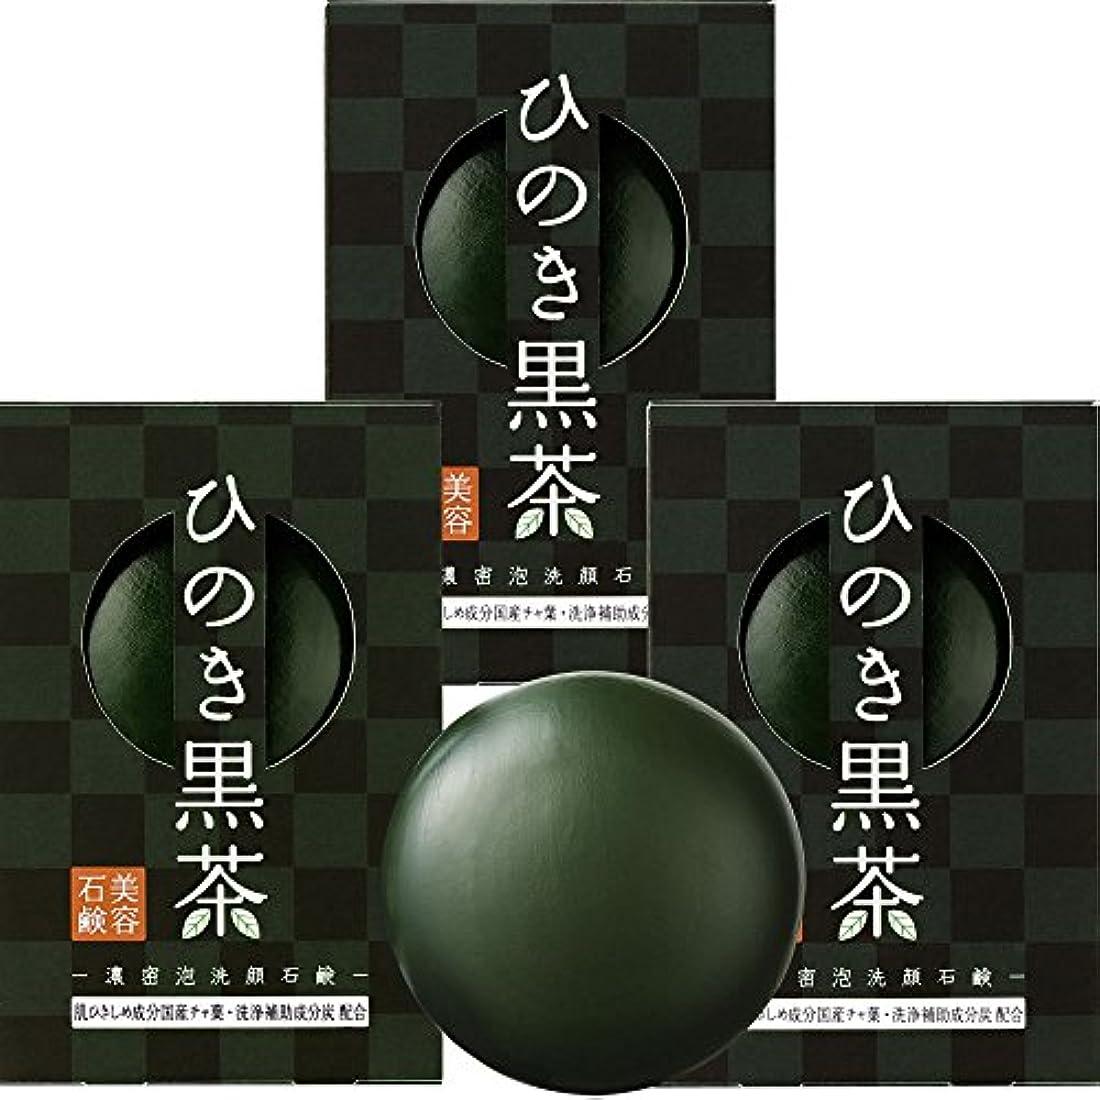 広く頻繁に肘掛け椅子ひのき黒茶石鹸 (80g×3個) [保湿成分配合] ヒアルロン酸 コラーゲン